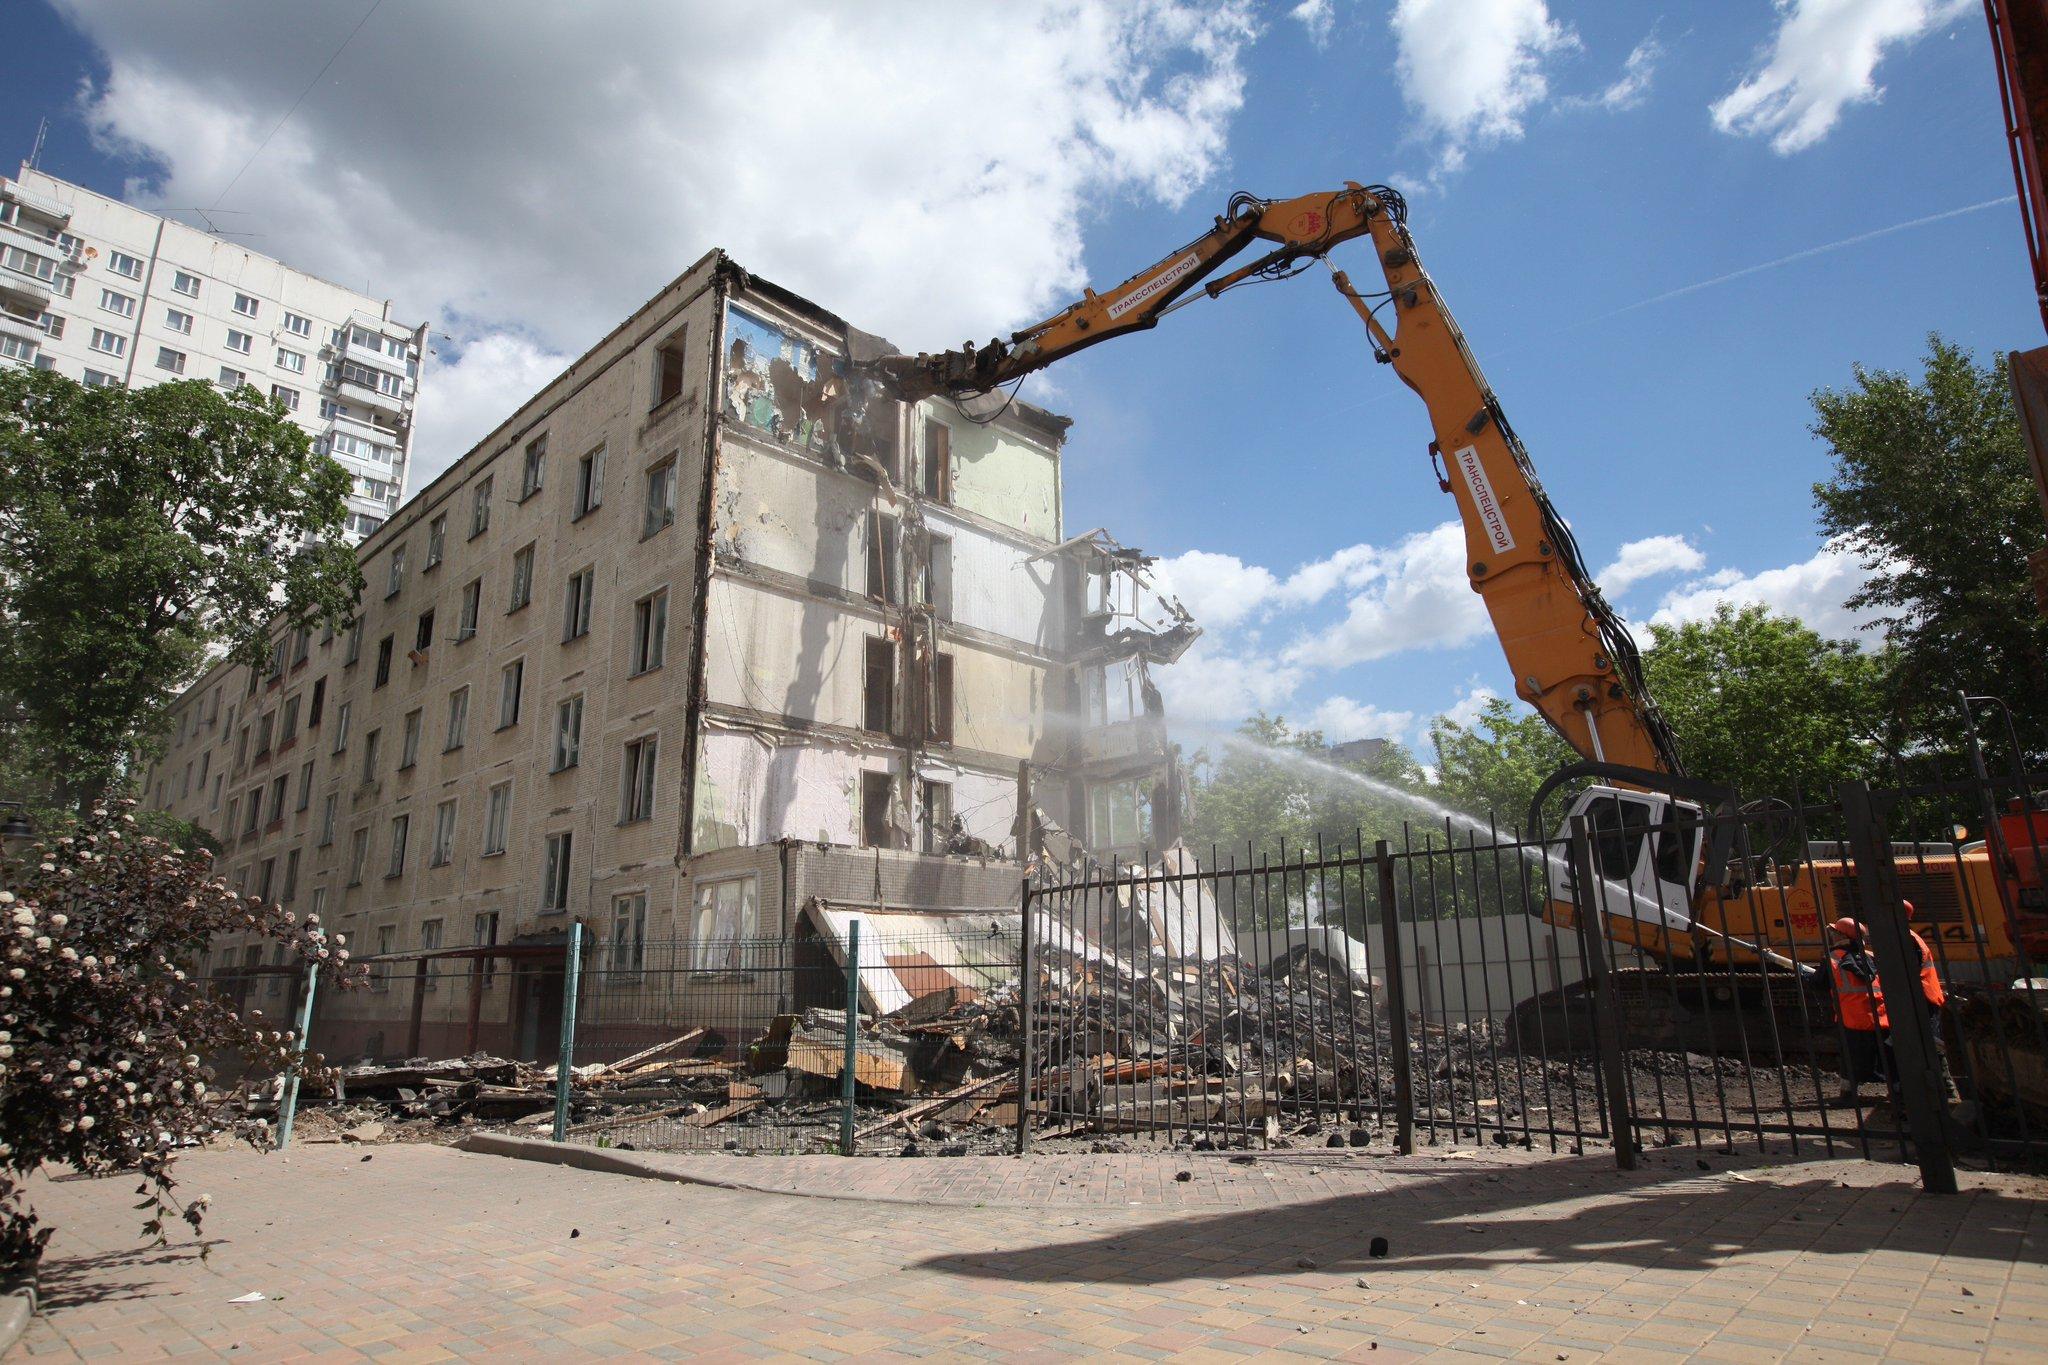 Рустам Минниханов прокомментировал возможный снос хрущевок в Казани